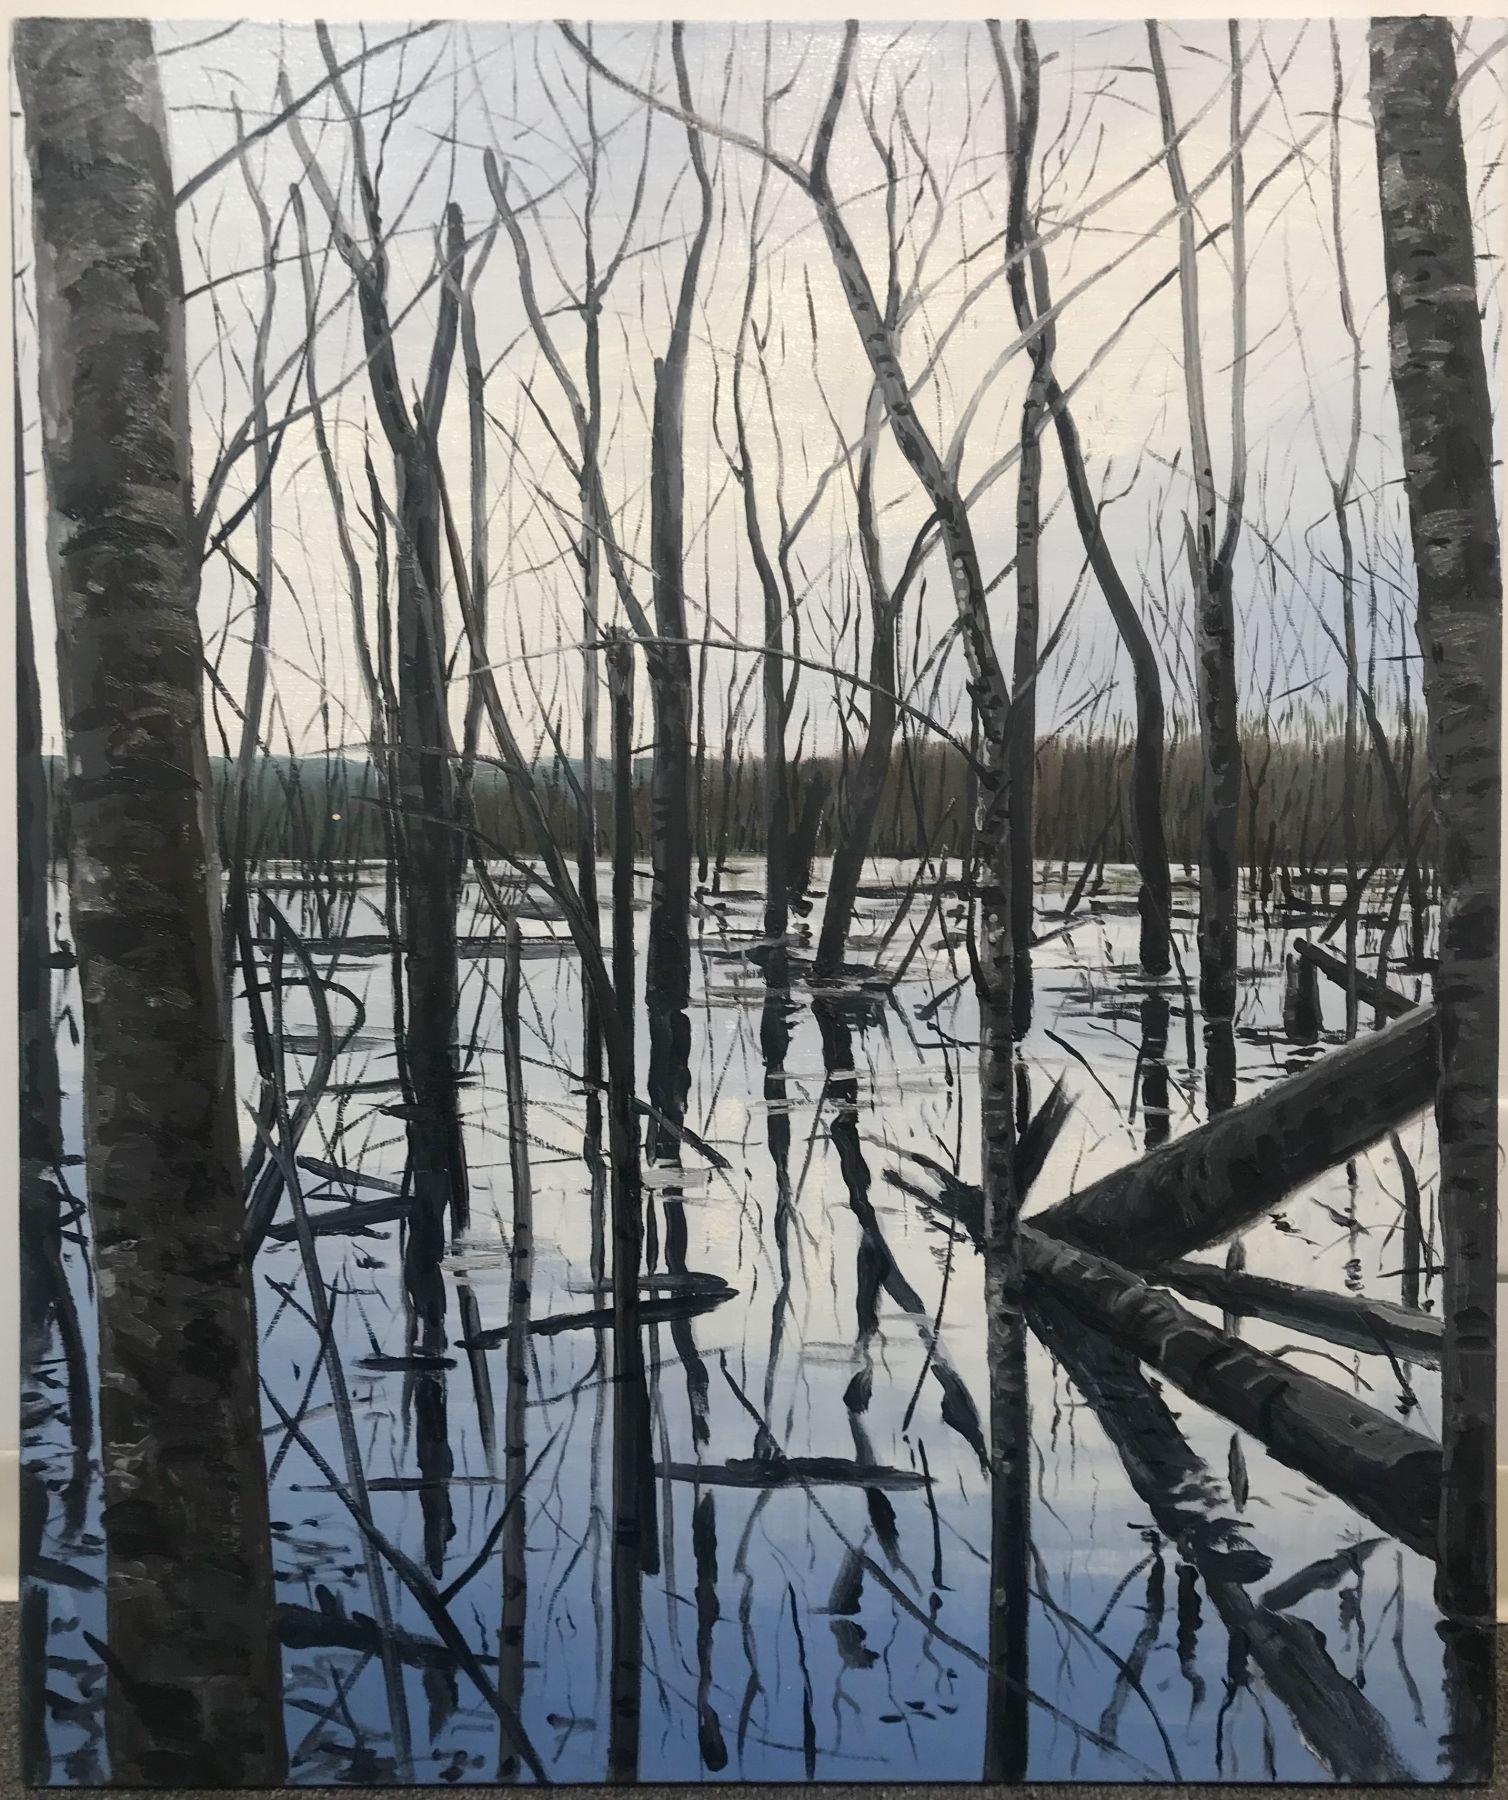 Michael Brophy - Overflow Lake III